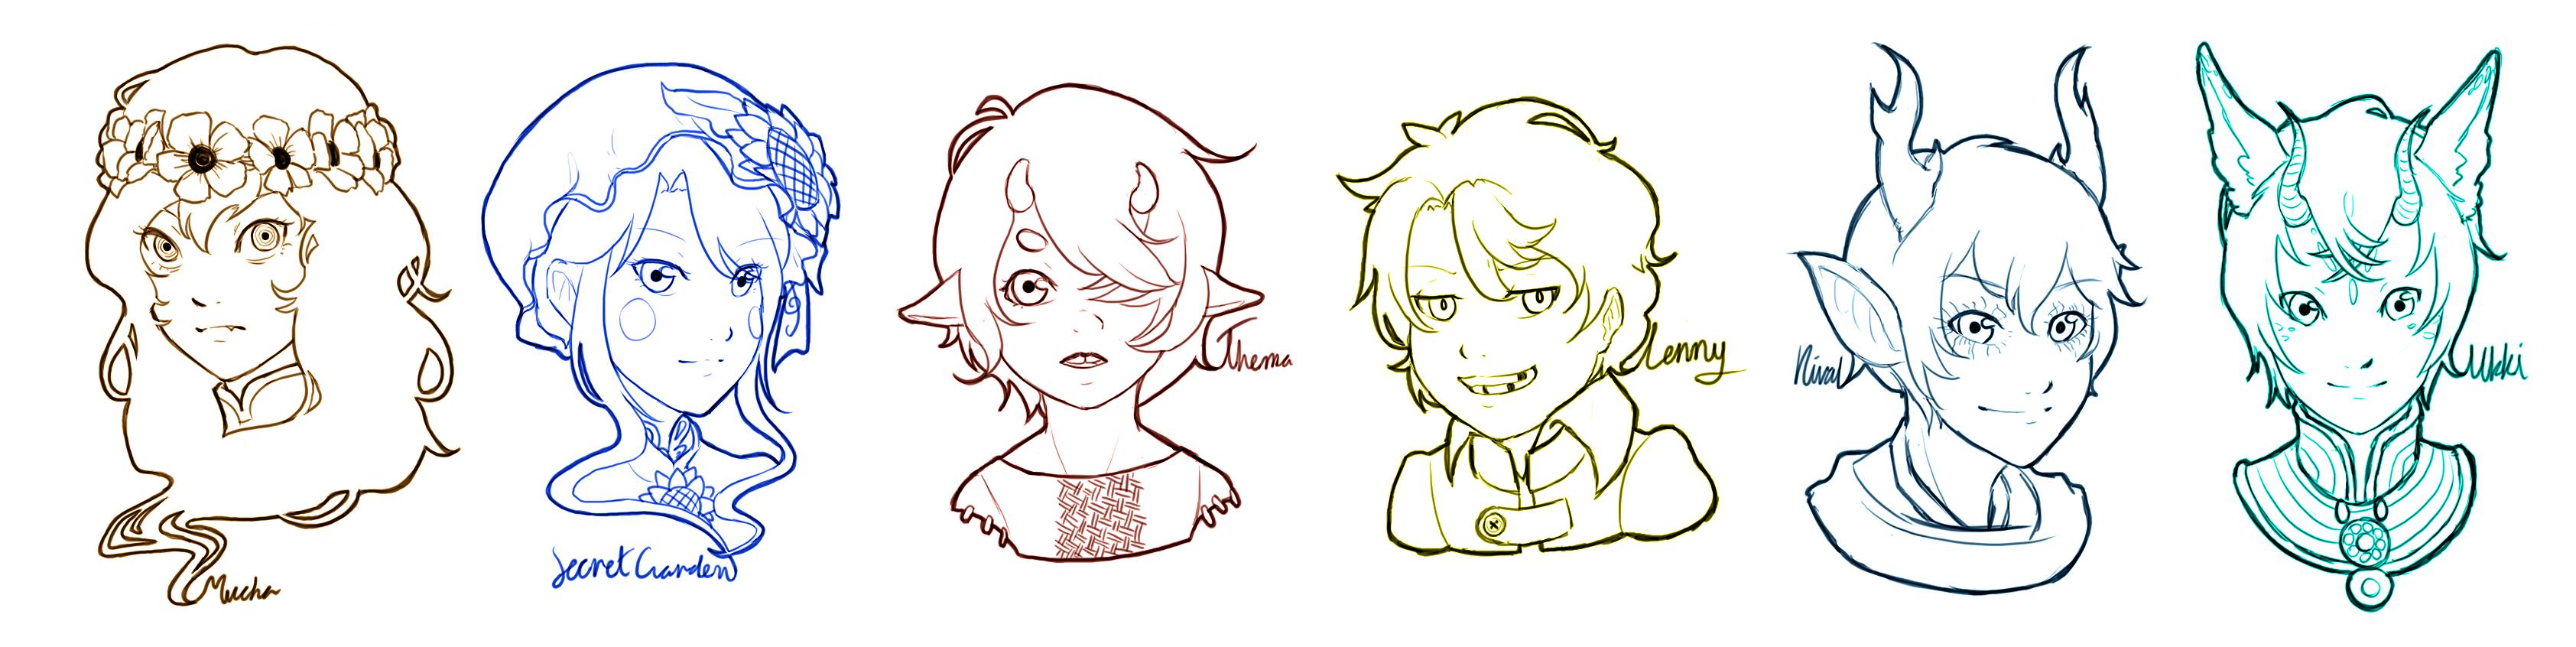 LN: Sketch headshots 1 by kishi-san